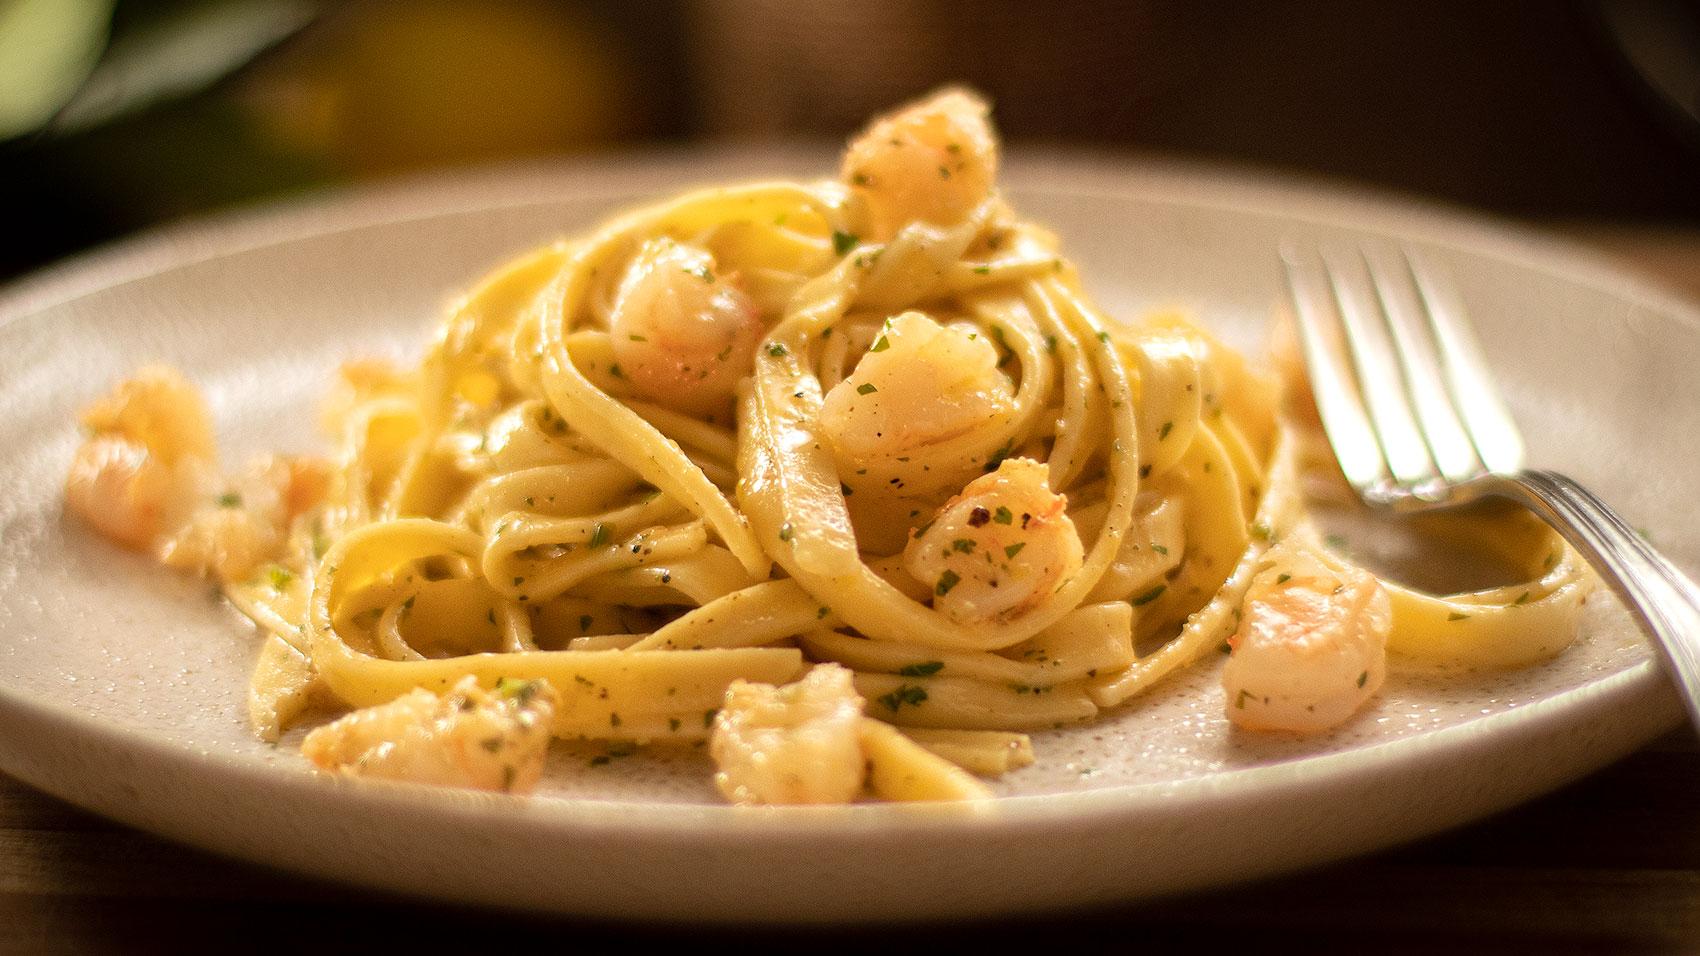 Shrimp: Lemon Pepper Pasta